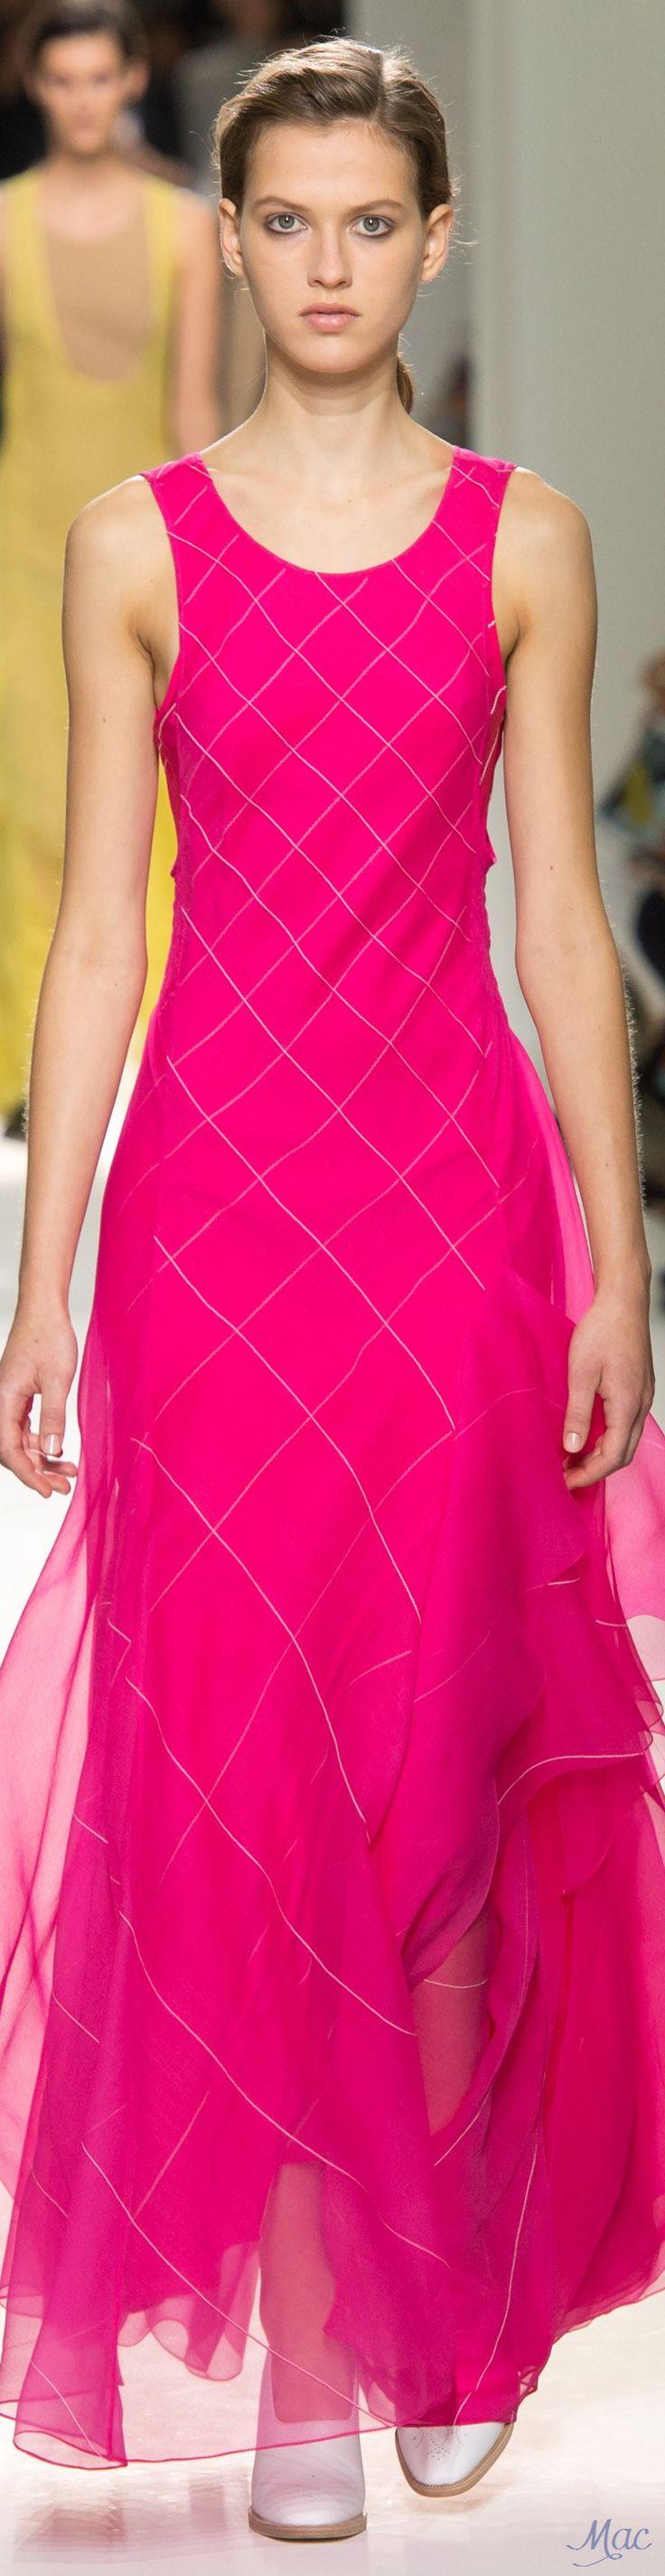 Moderno Calientes Vestidos De Cóctel De Color Rosa Colección de ...